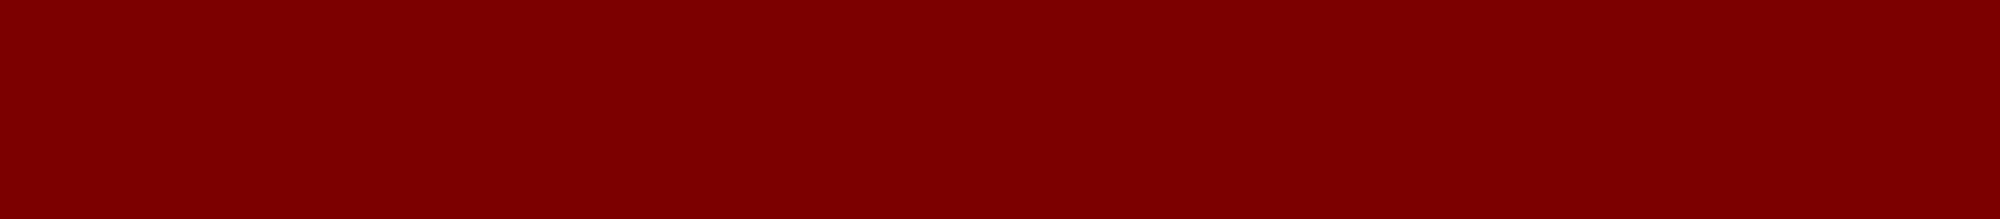 Bindslev -Tversted I.F.